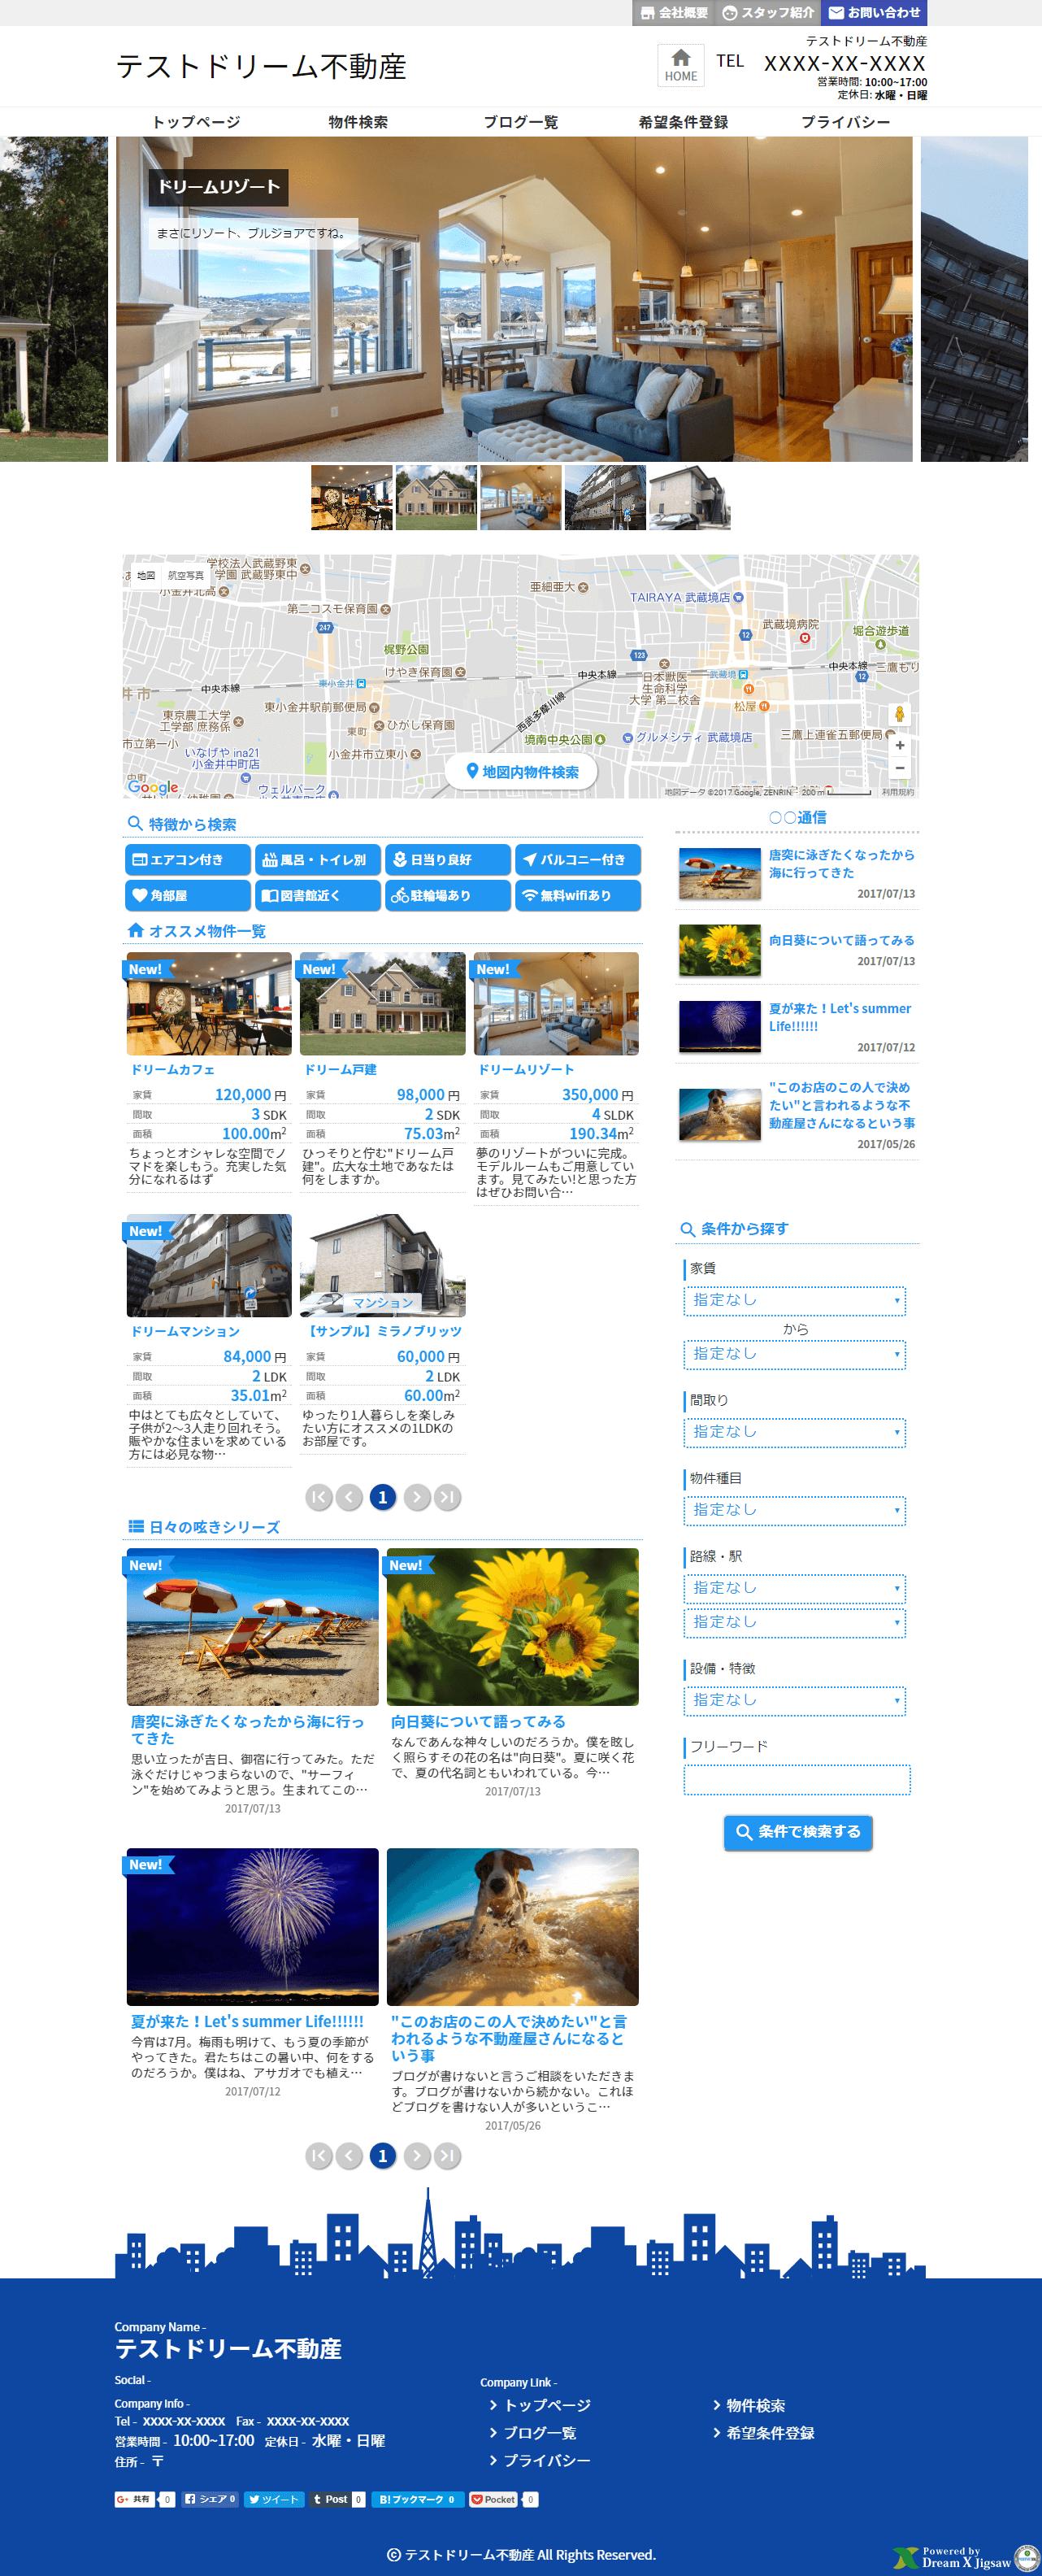 ドリームXで作成したトップページのイメージ図